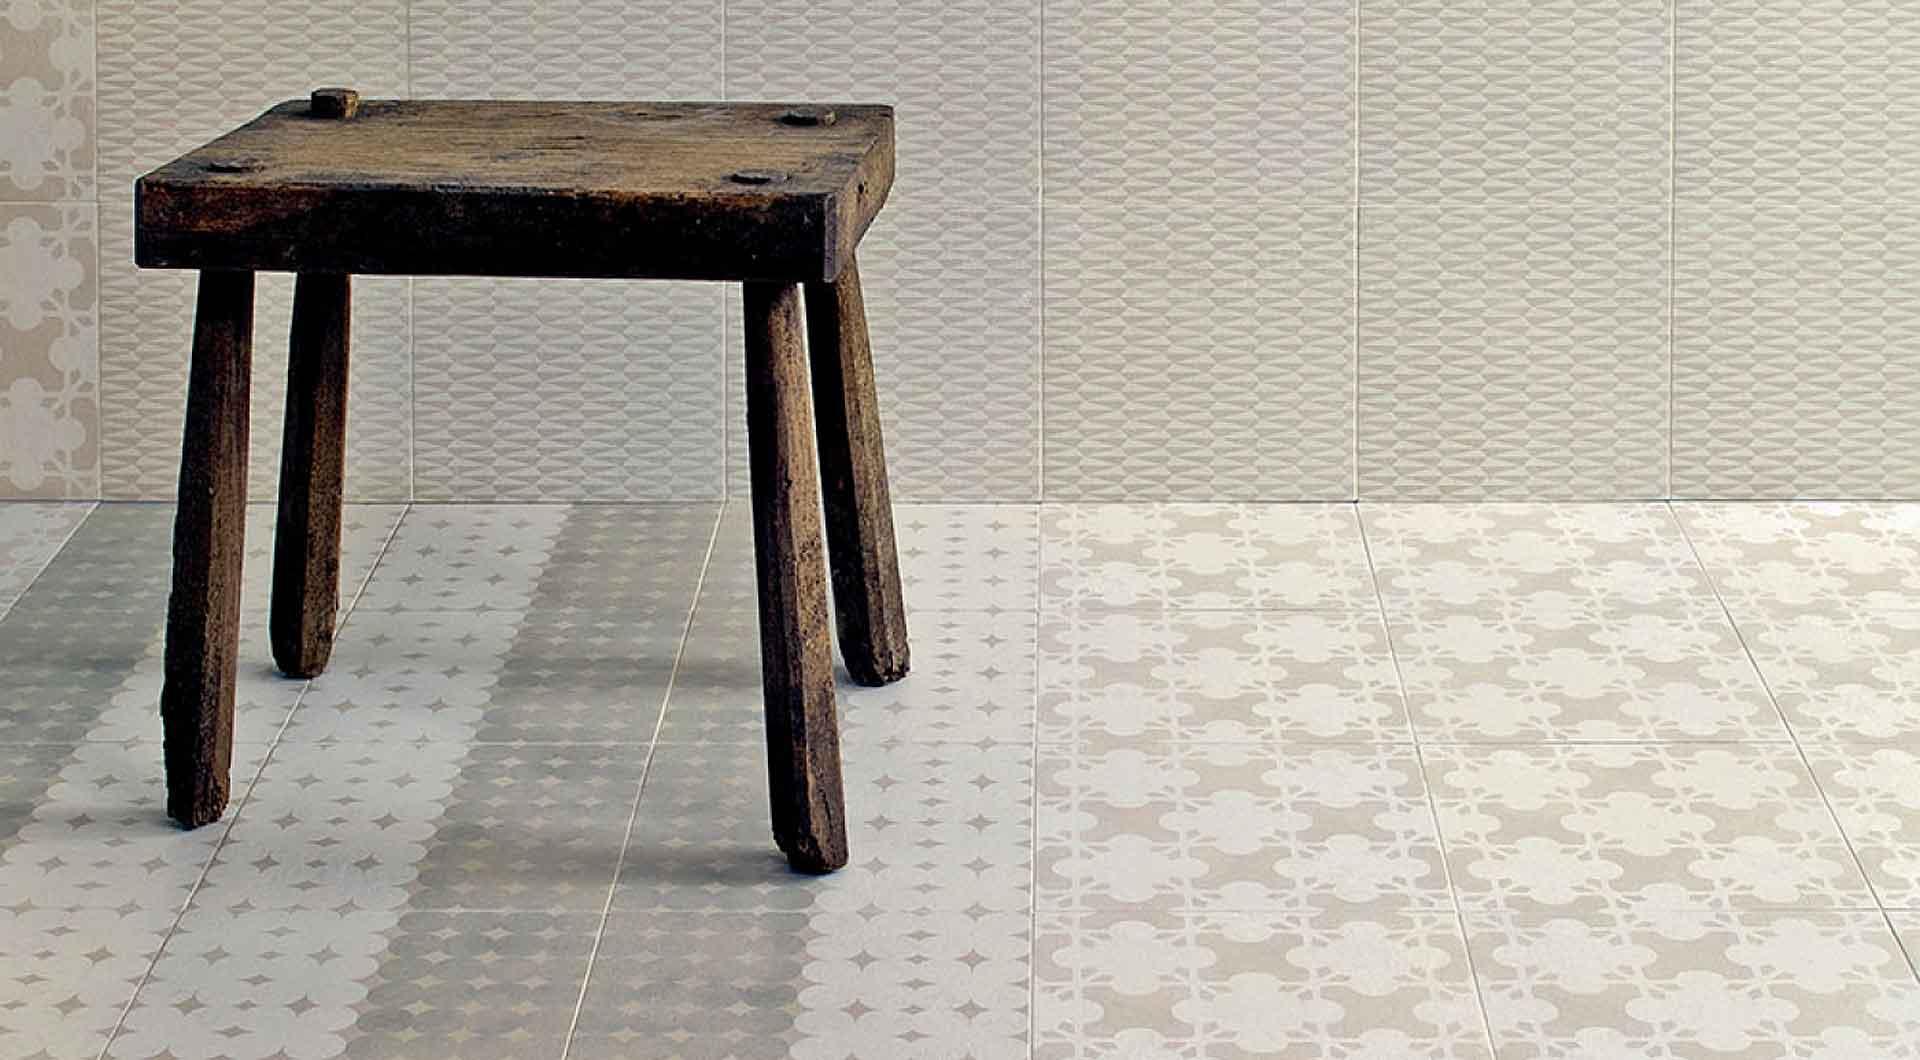 mutina-ceramiche-scelto-da-natalucci-come-partner-per-interior-design